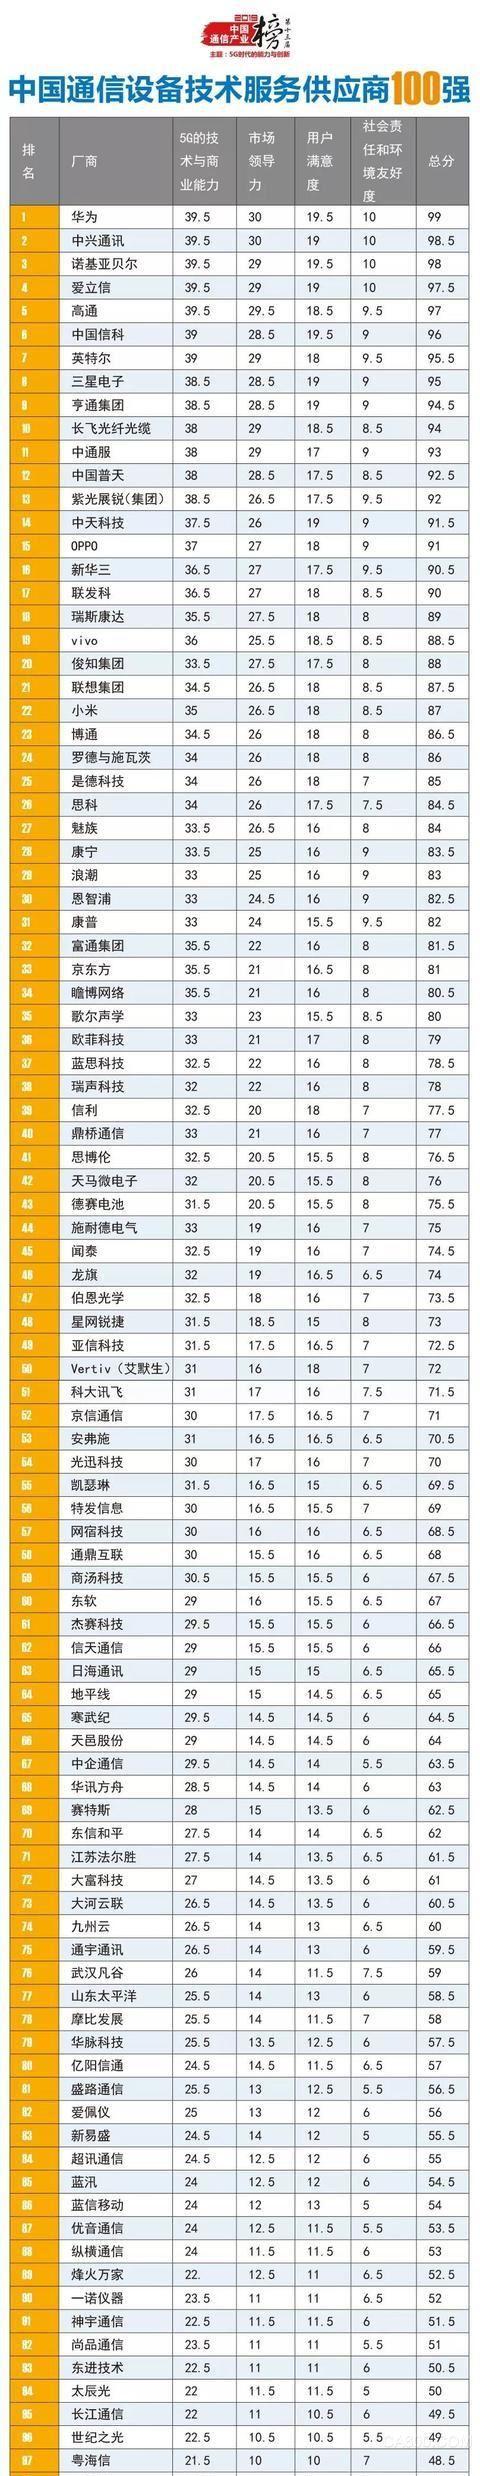 2019中国通信产业榜通信设备商100强出炉